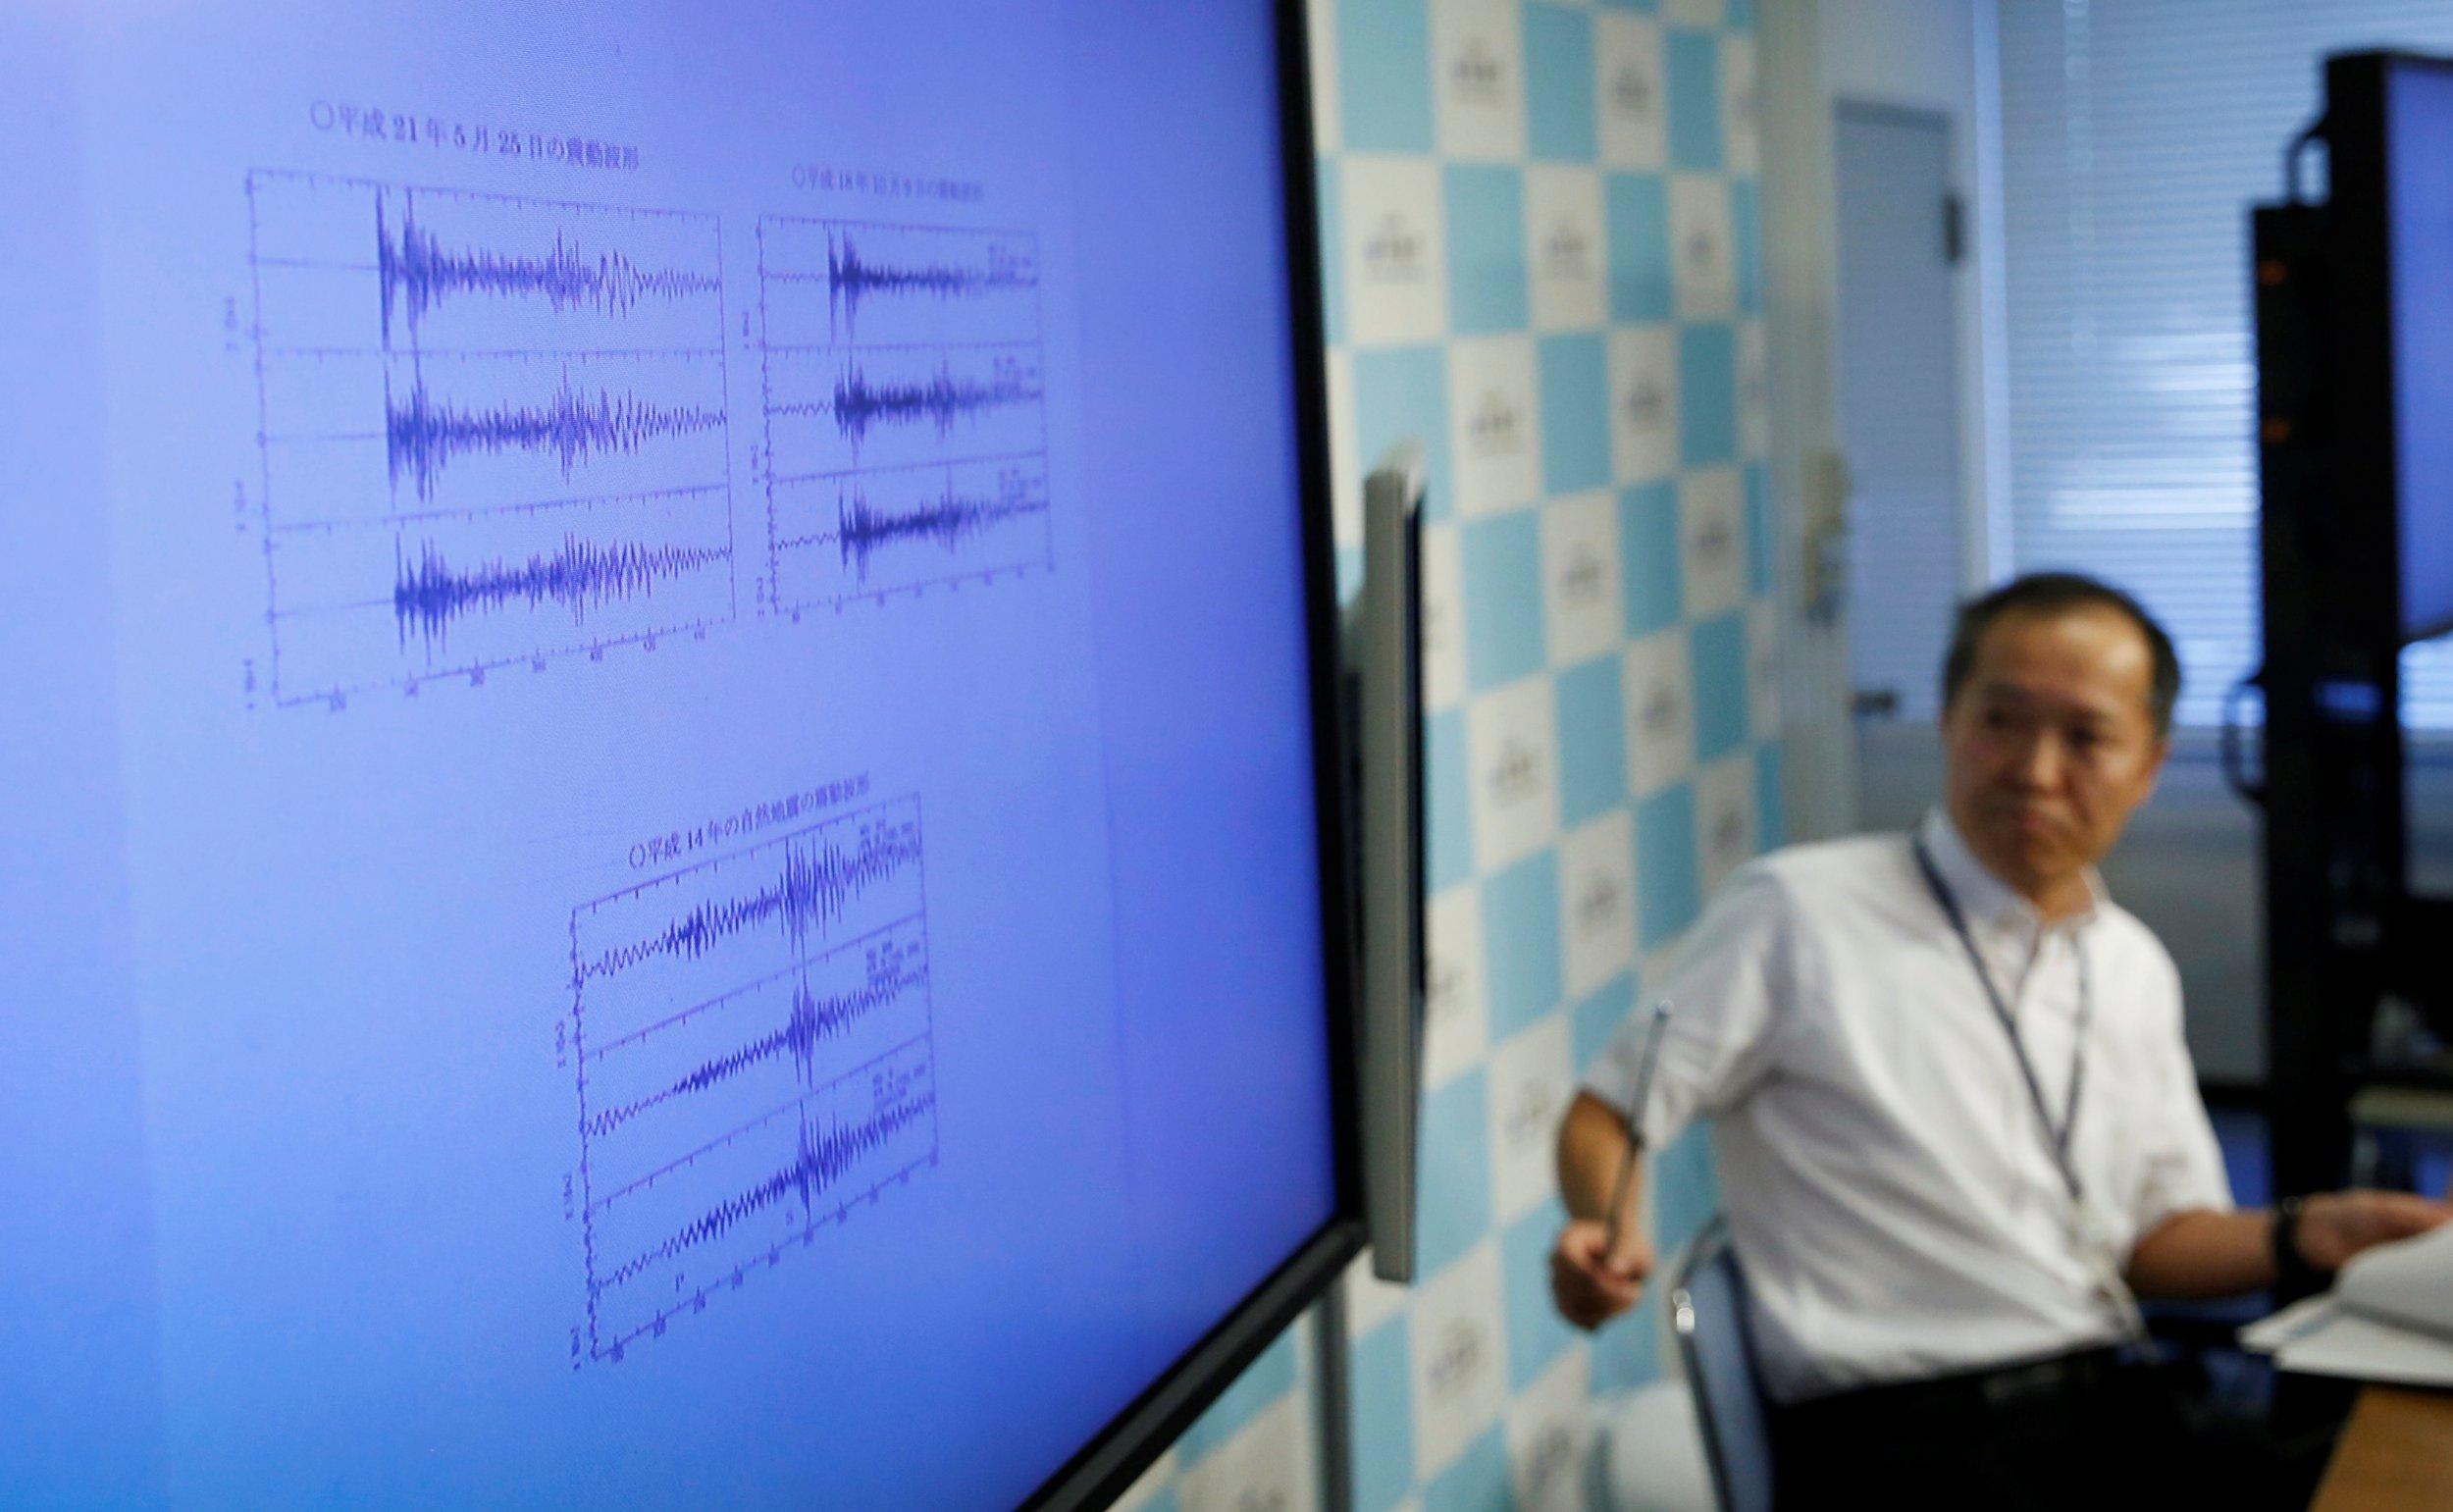 09_20_Japan_Earthquake_Fukushima